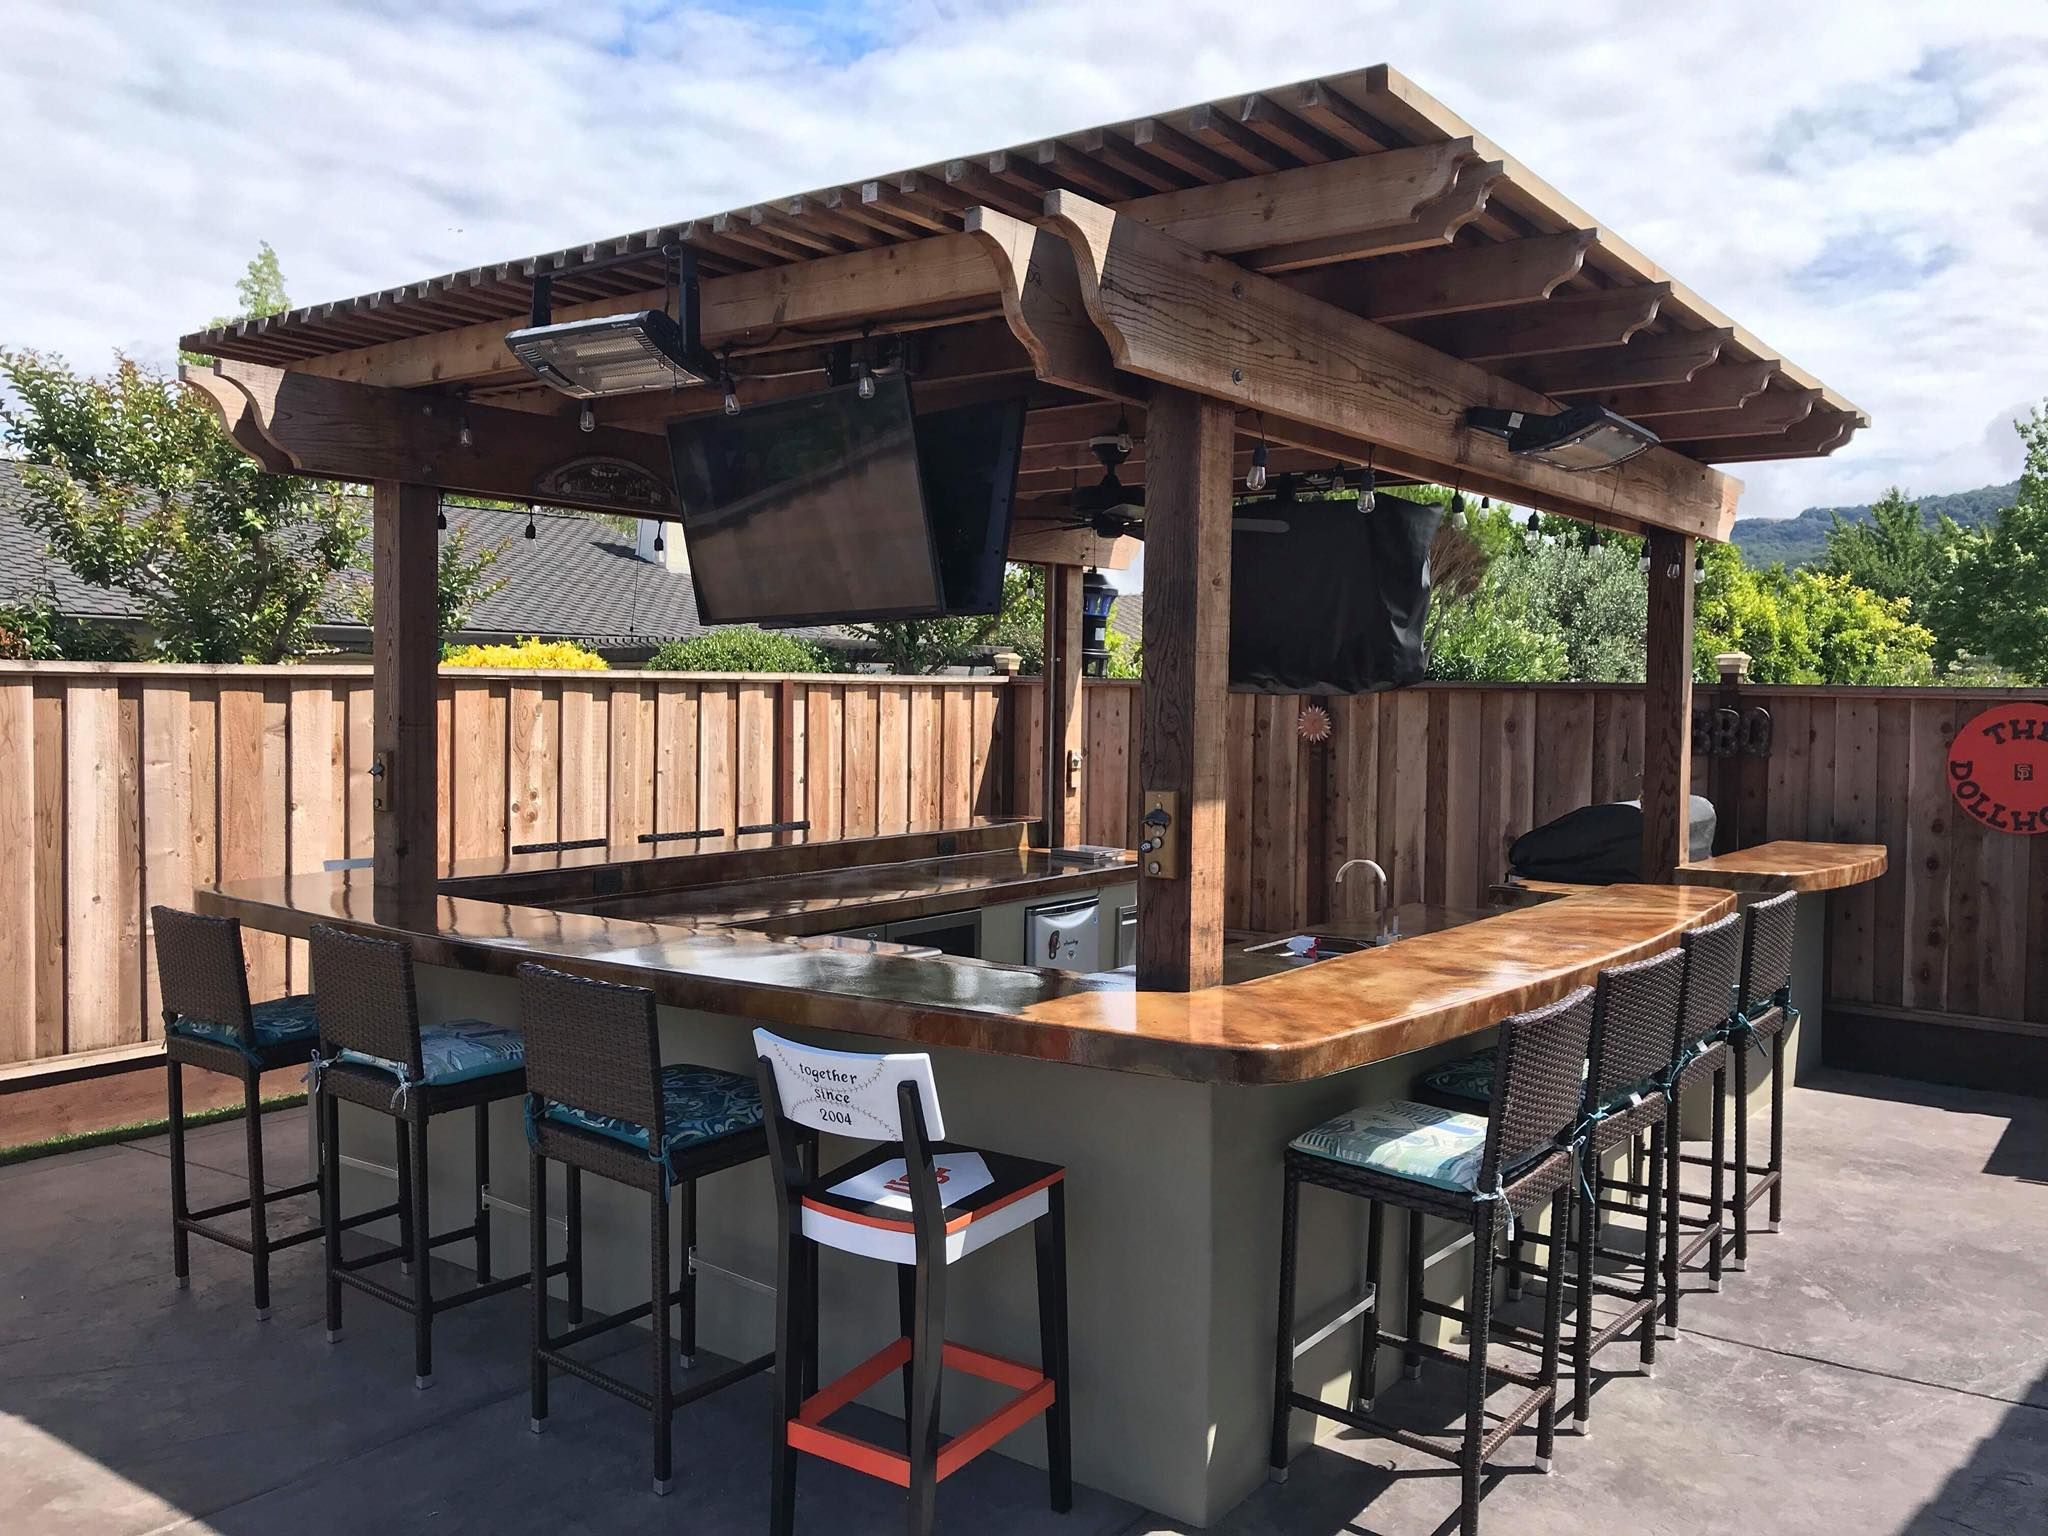 Polyurethane Concrete Sealer in 2020 | Outdoor kitchen ...